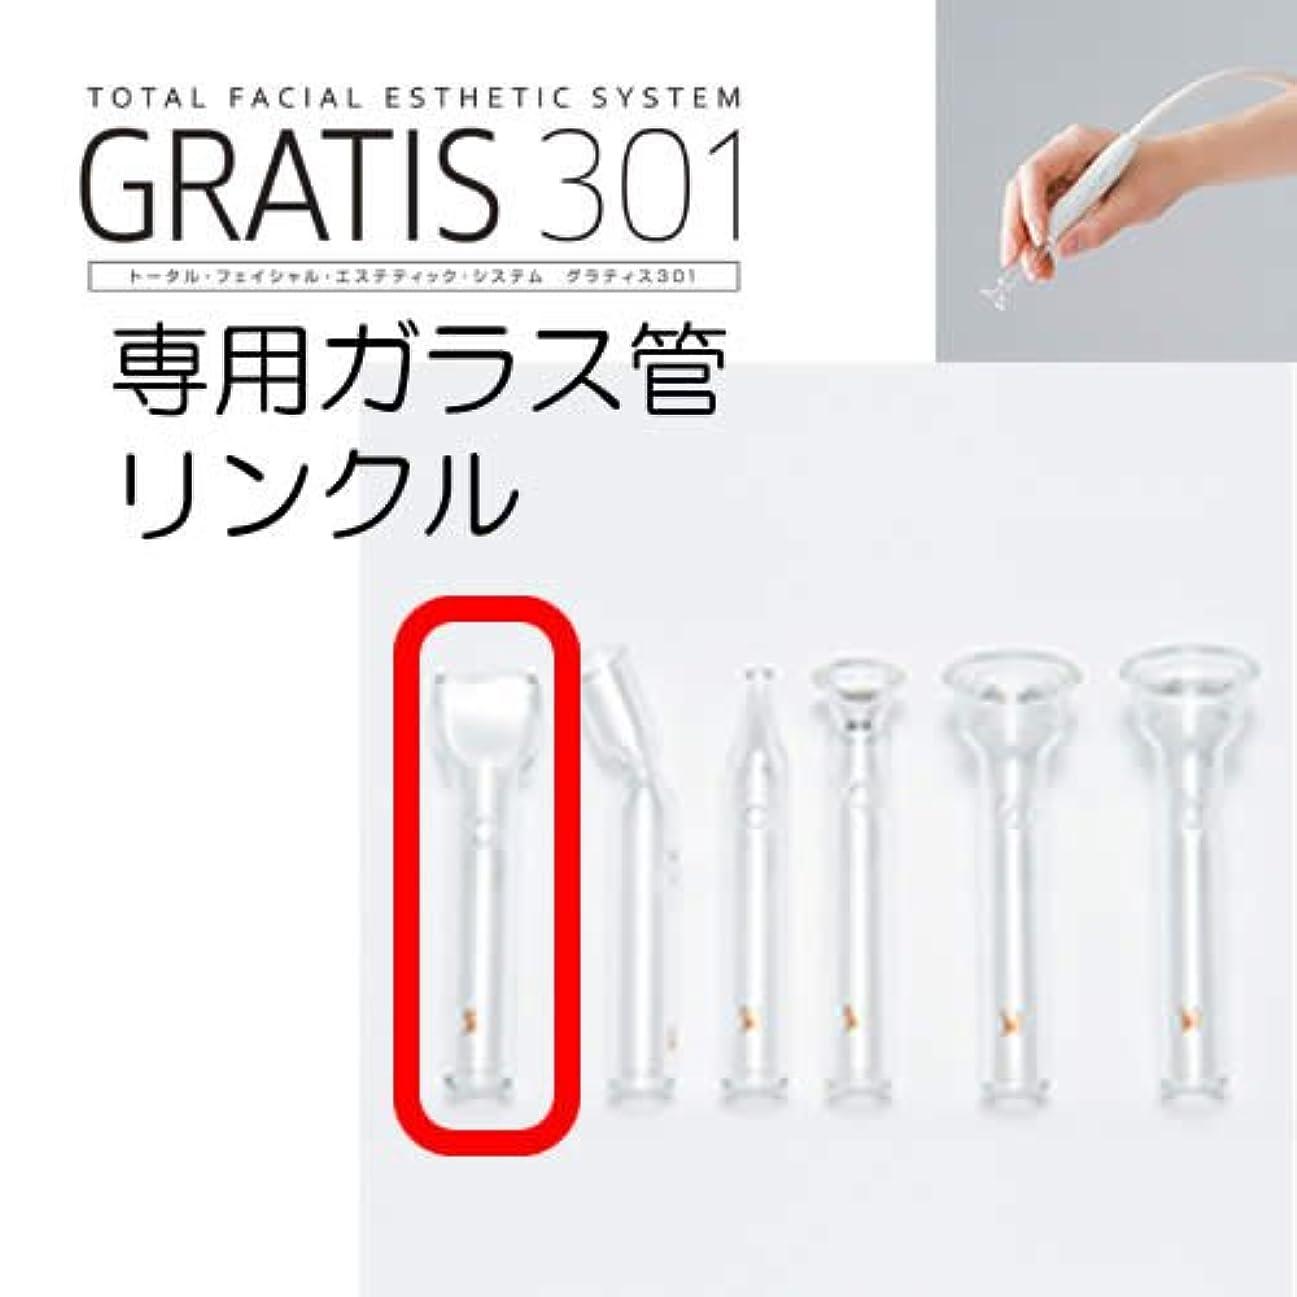 パーセントキャリッジ埋め込むGRATIS 301(グラティス301)専用ガラス管 リンクル(2本セット)